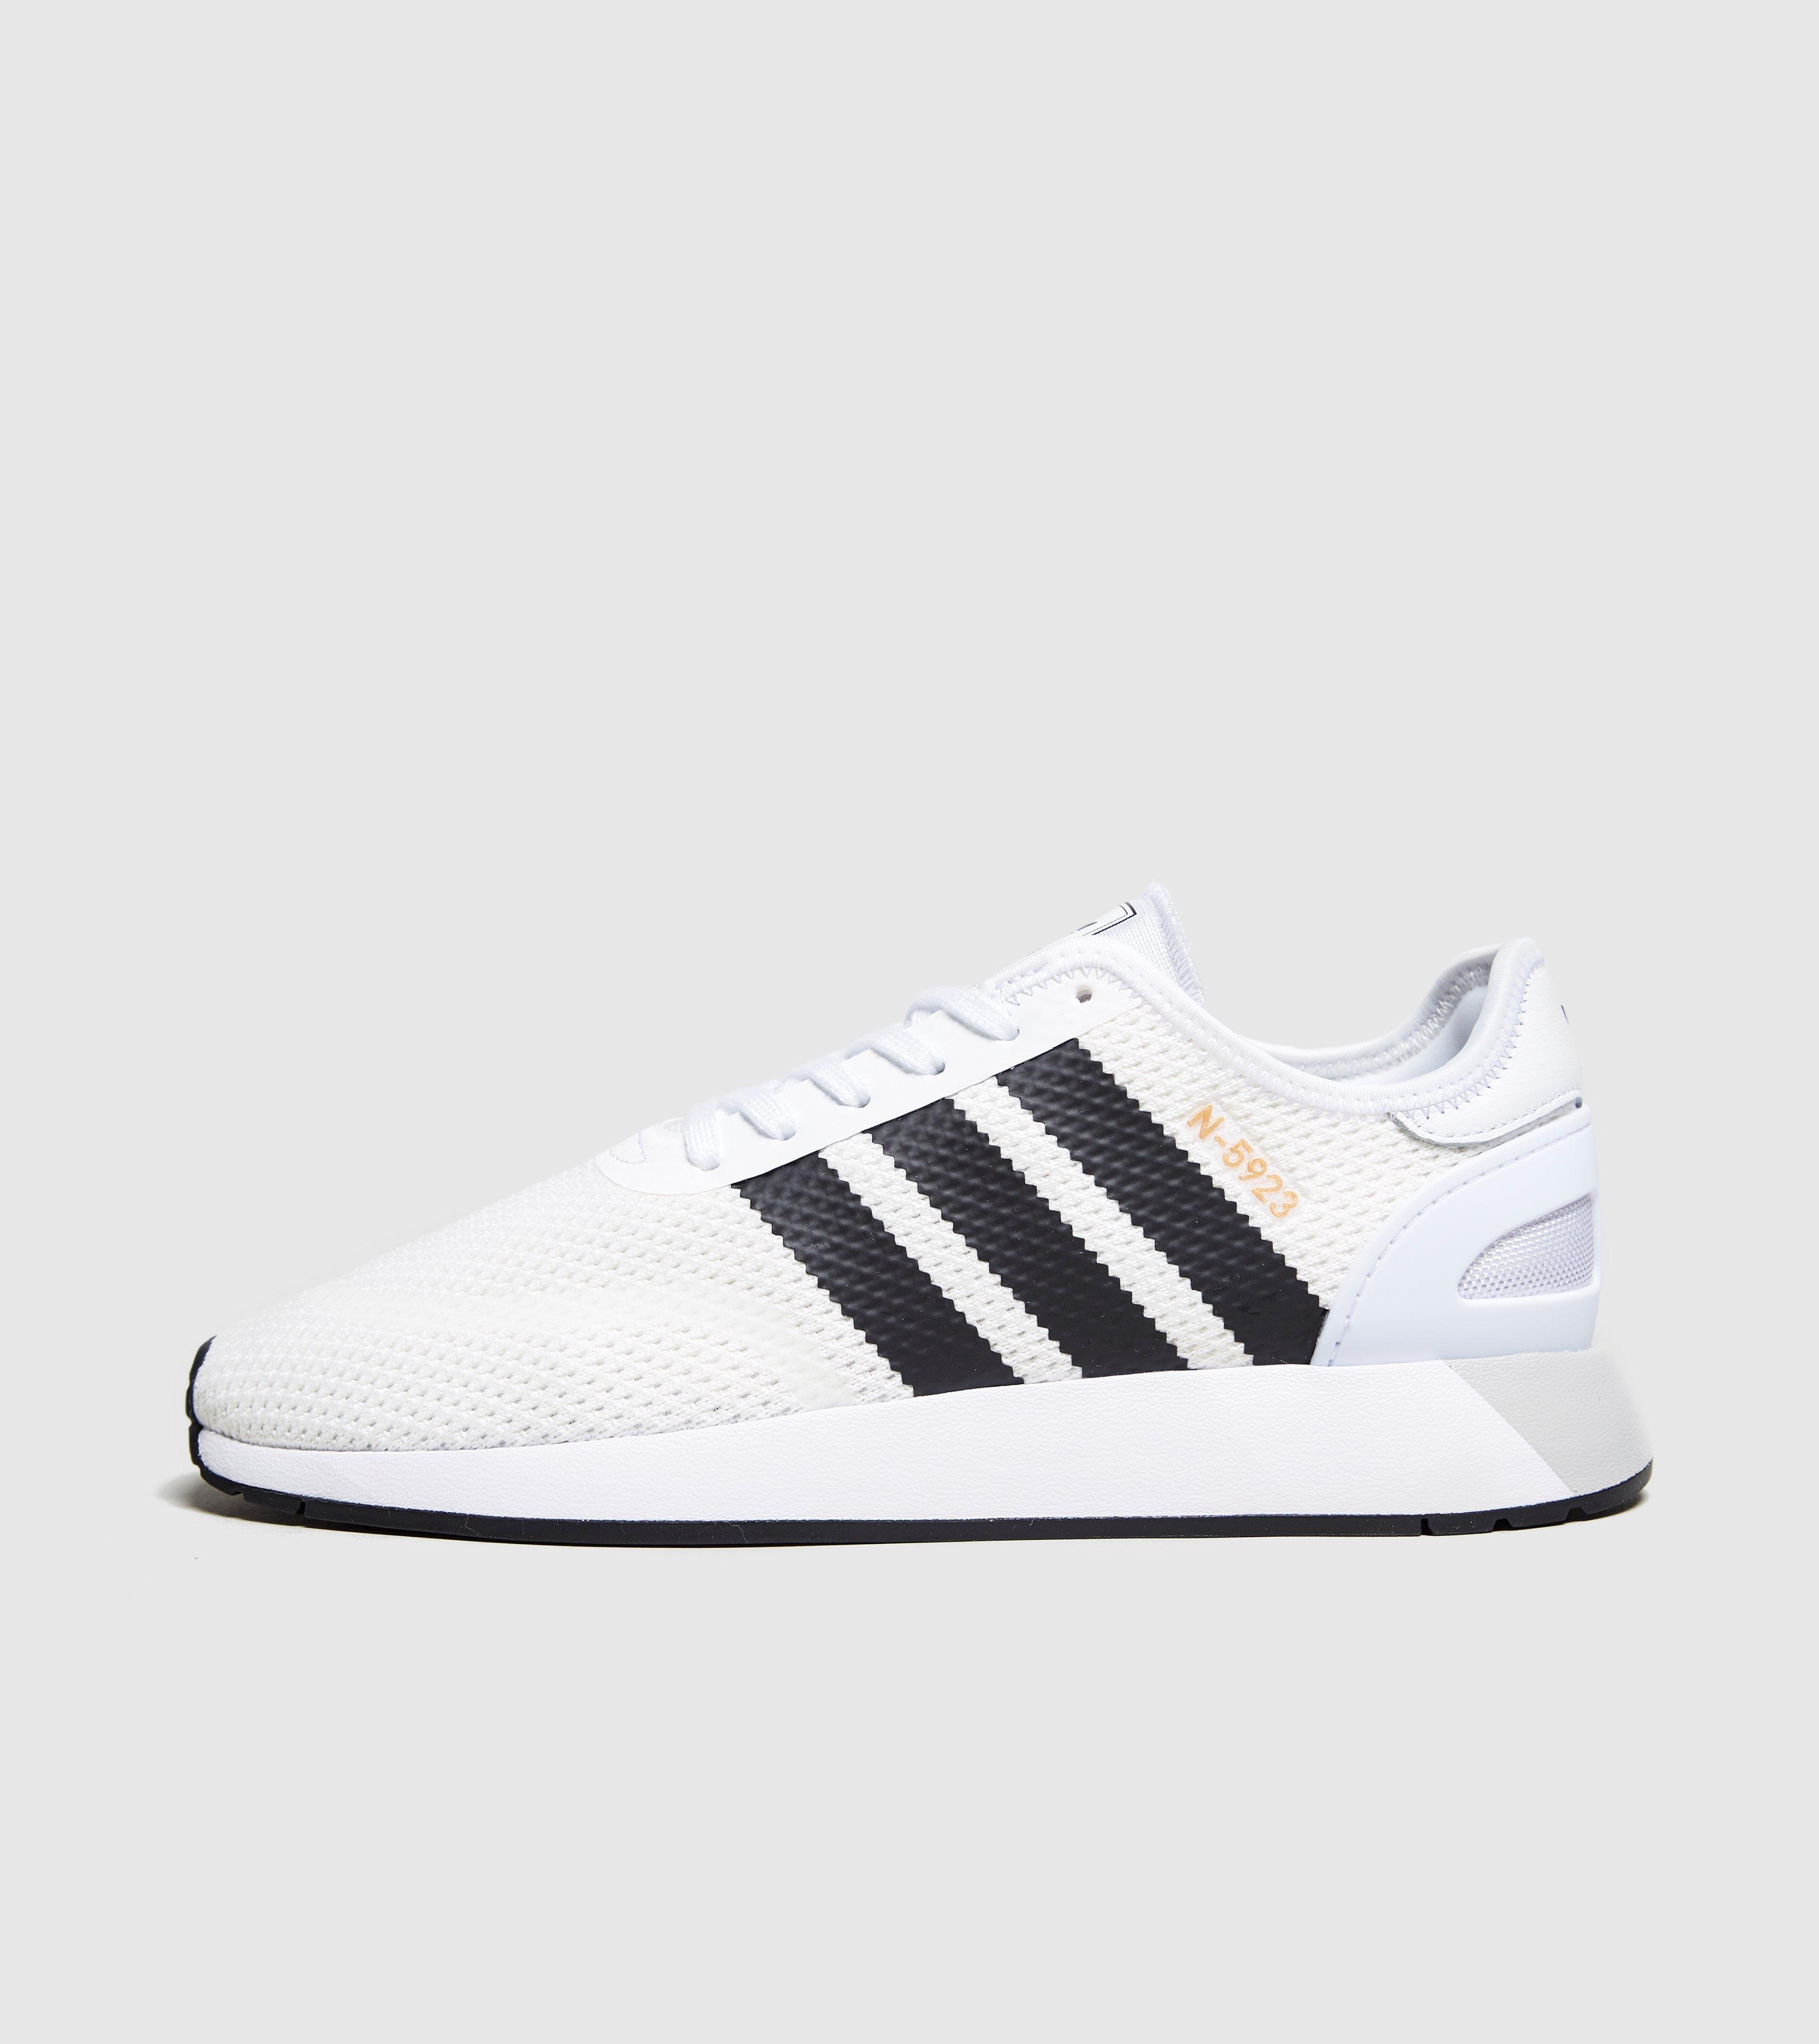 adidas Originals N-5923 in White for Men - Lyst 5f9fe775c